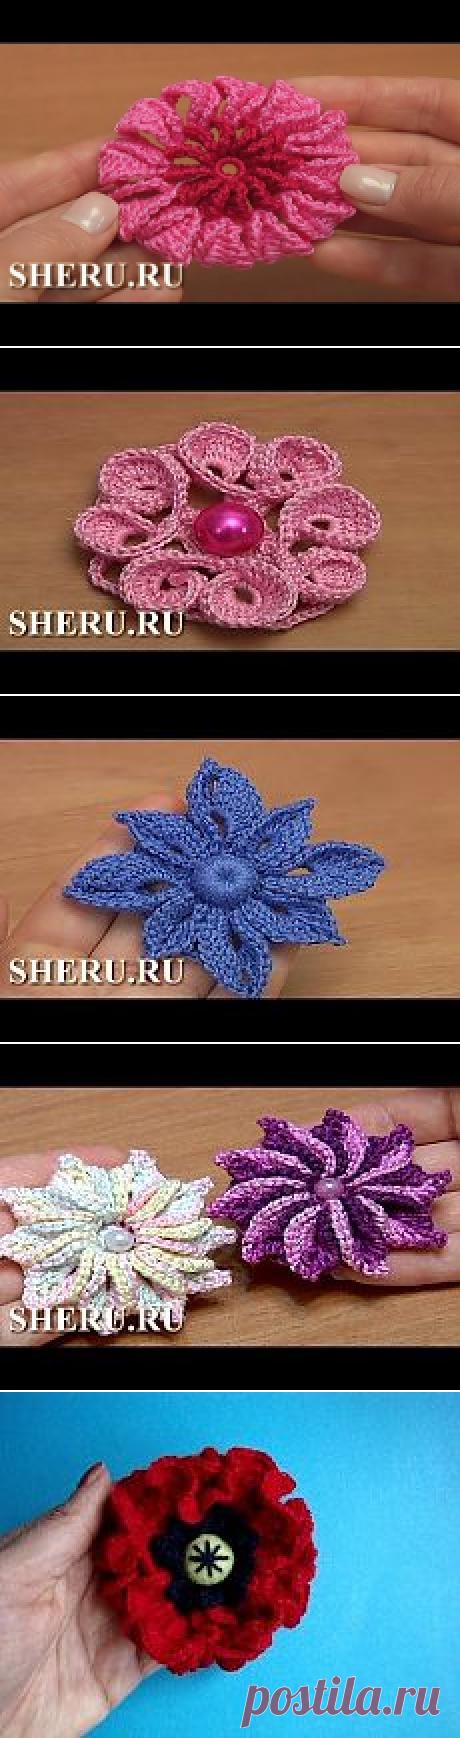 Крючок - Цветы (видео-уроки) | Простые схемы. Экономим время на Постиле